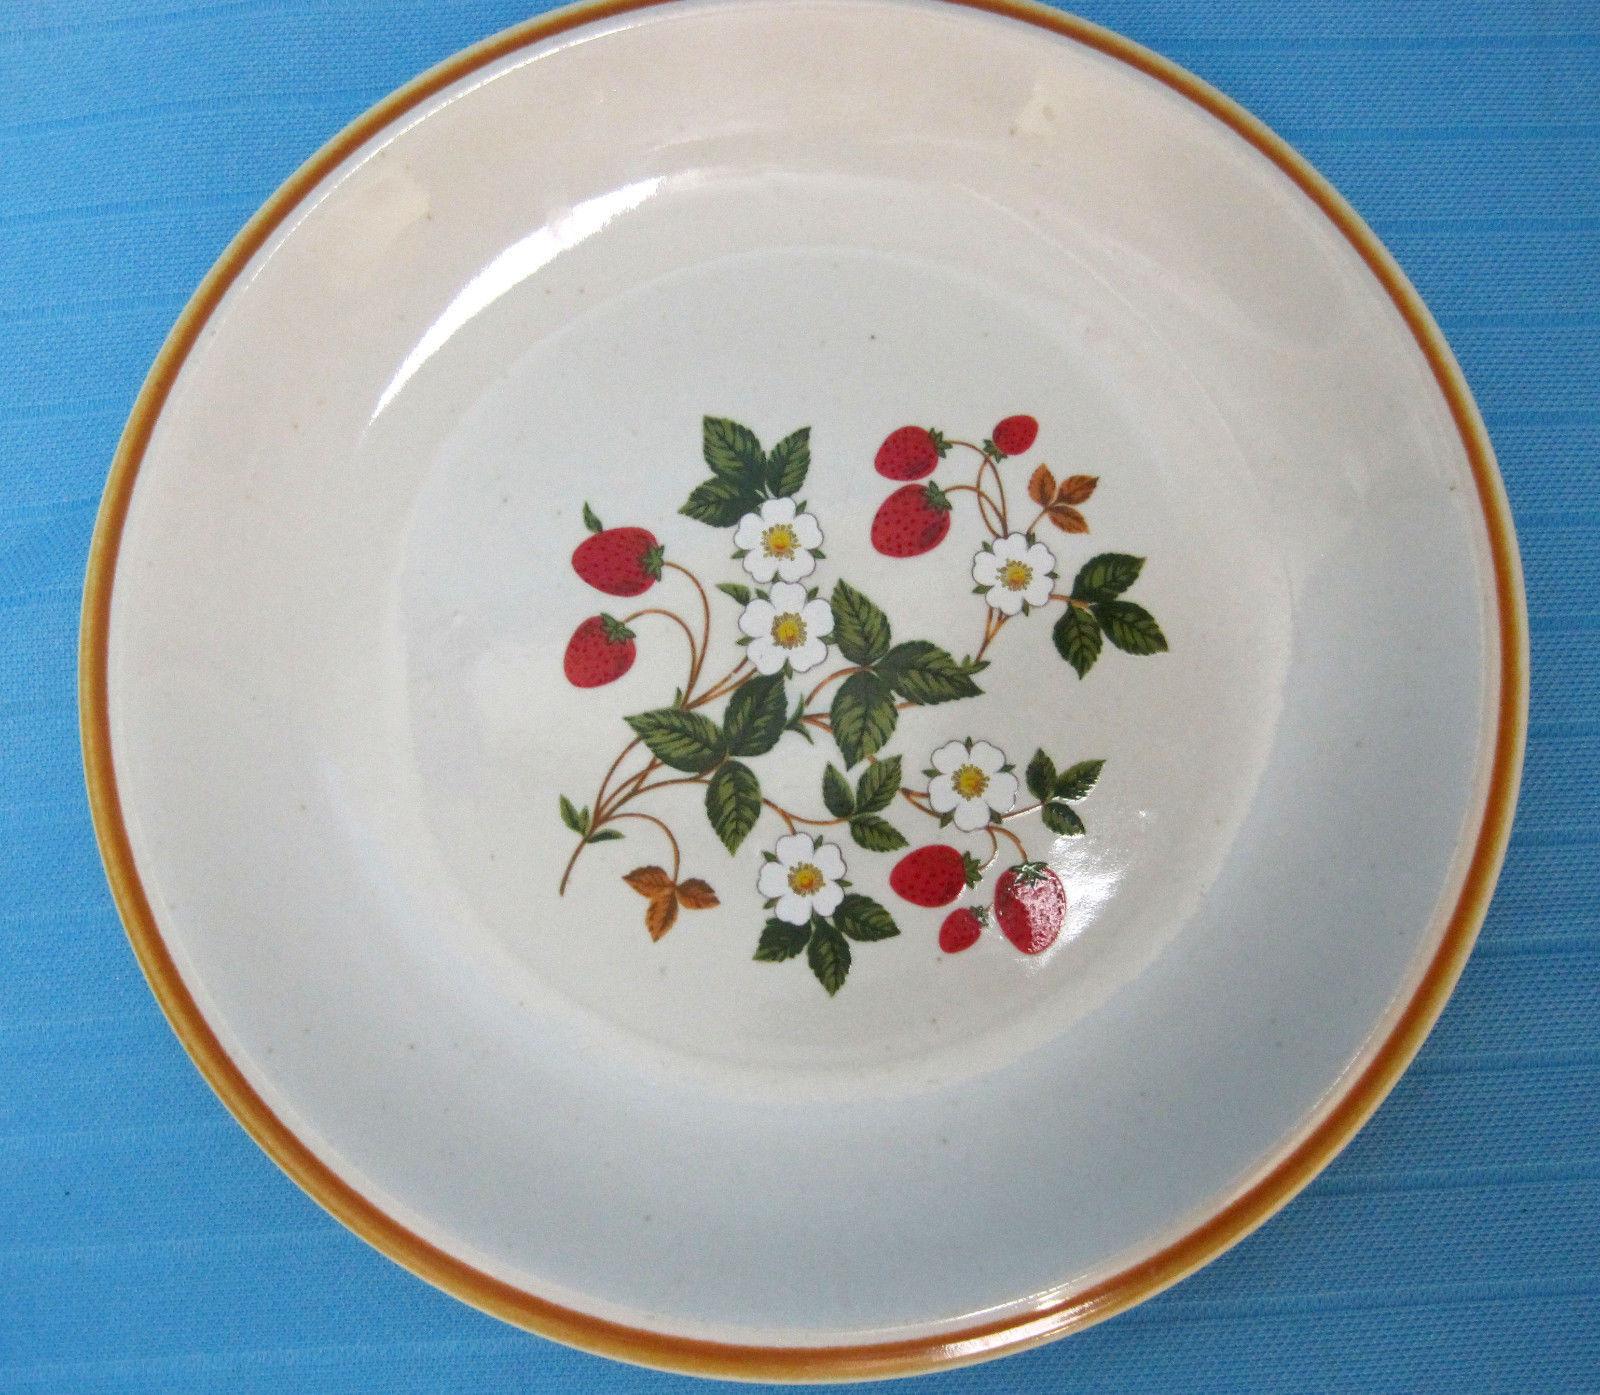 Sheffield Strawberries n Cream Lunch Salad Dessert Plate Stoneware Vintage Japan - $16.50